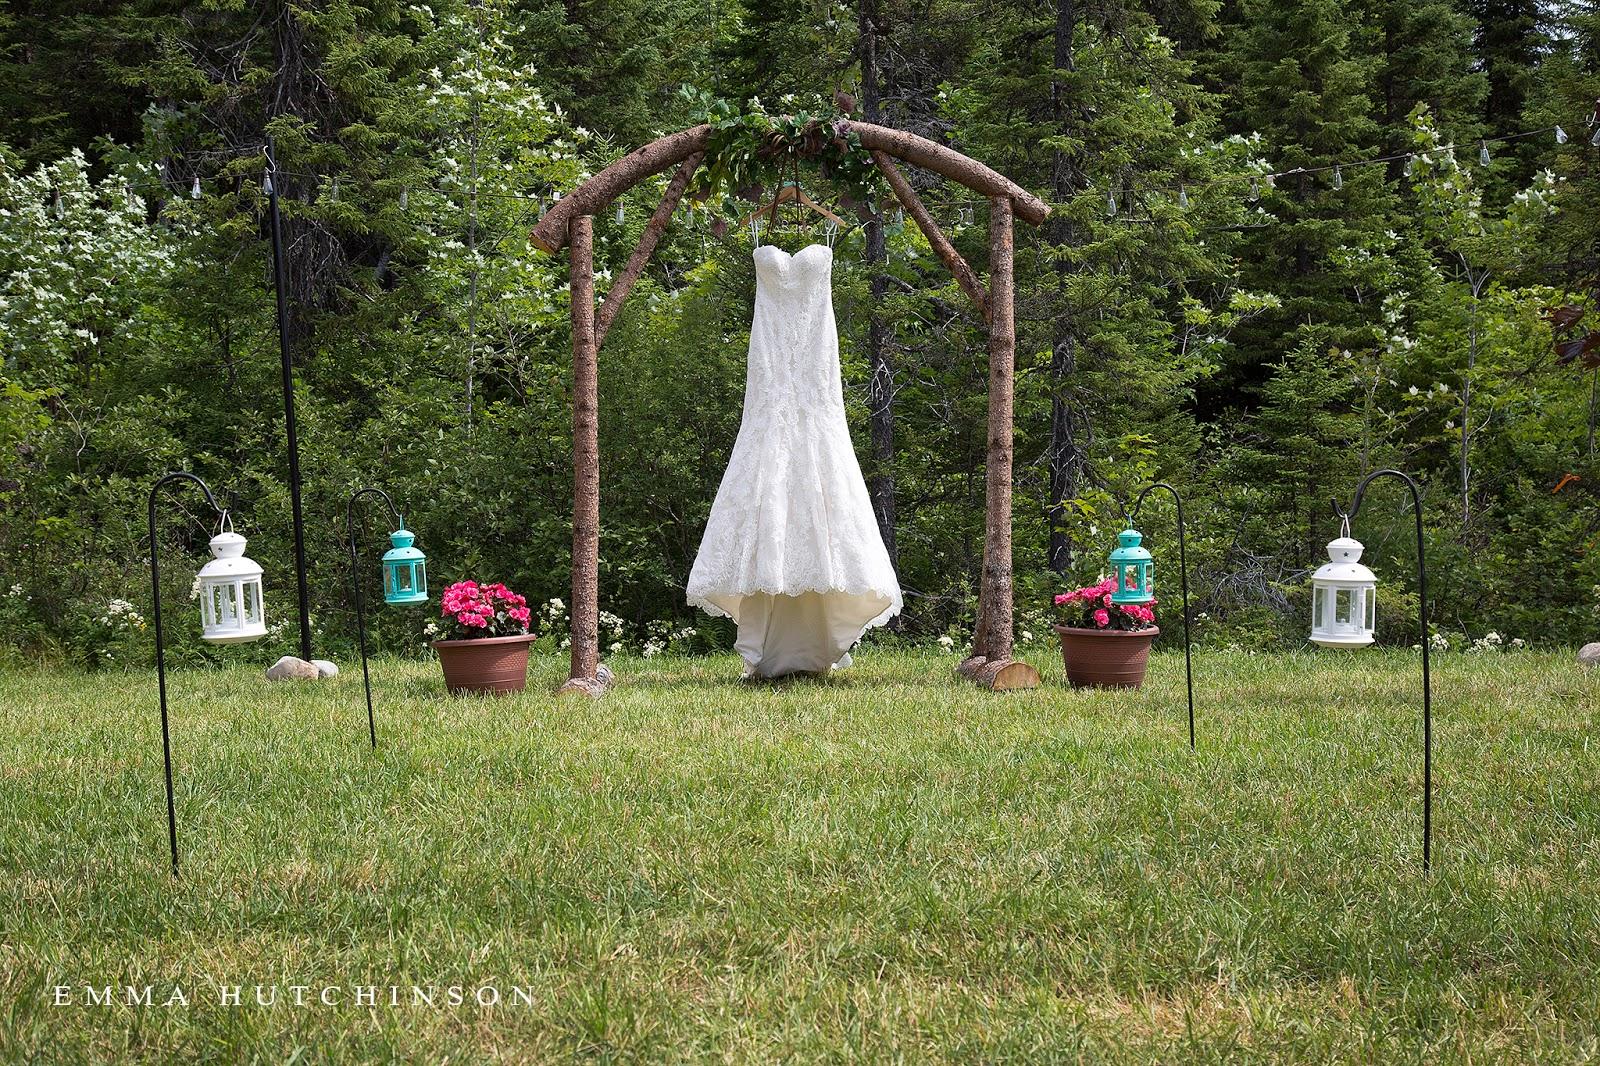 Newfoundland backyard wedding - wedding dress hanging in DIY wood arch